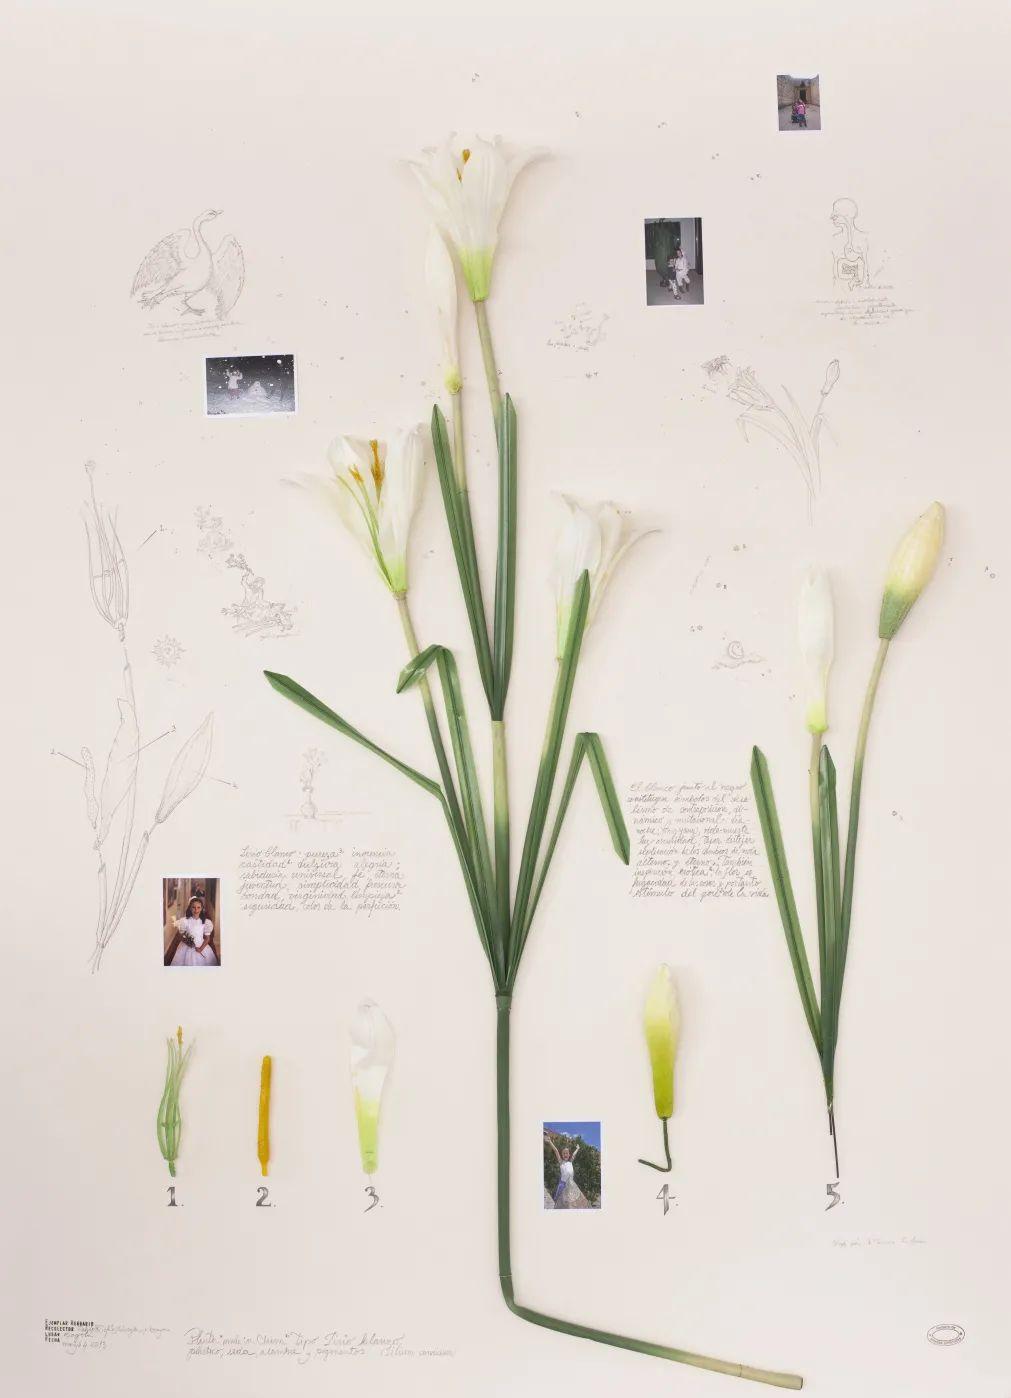 阿尔贝托·巴拉亚,《初领圣体百合》,2015,塑料假花(中国制造),摄影和绘画,背裱纸板,木框装裱,85 x 116 x 7 cm。艺术家供图。